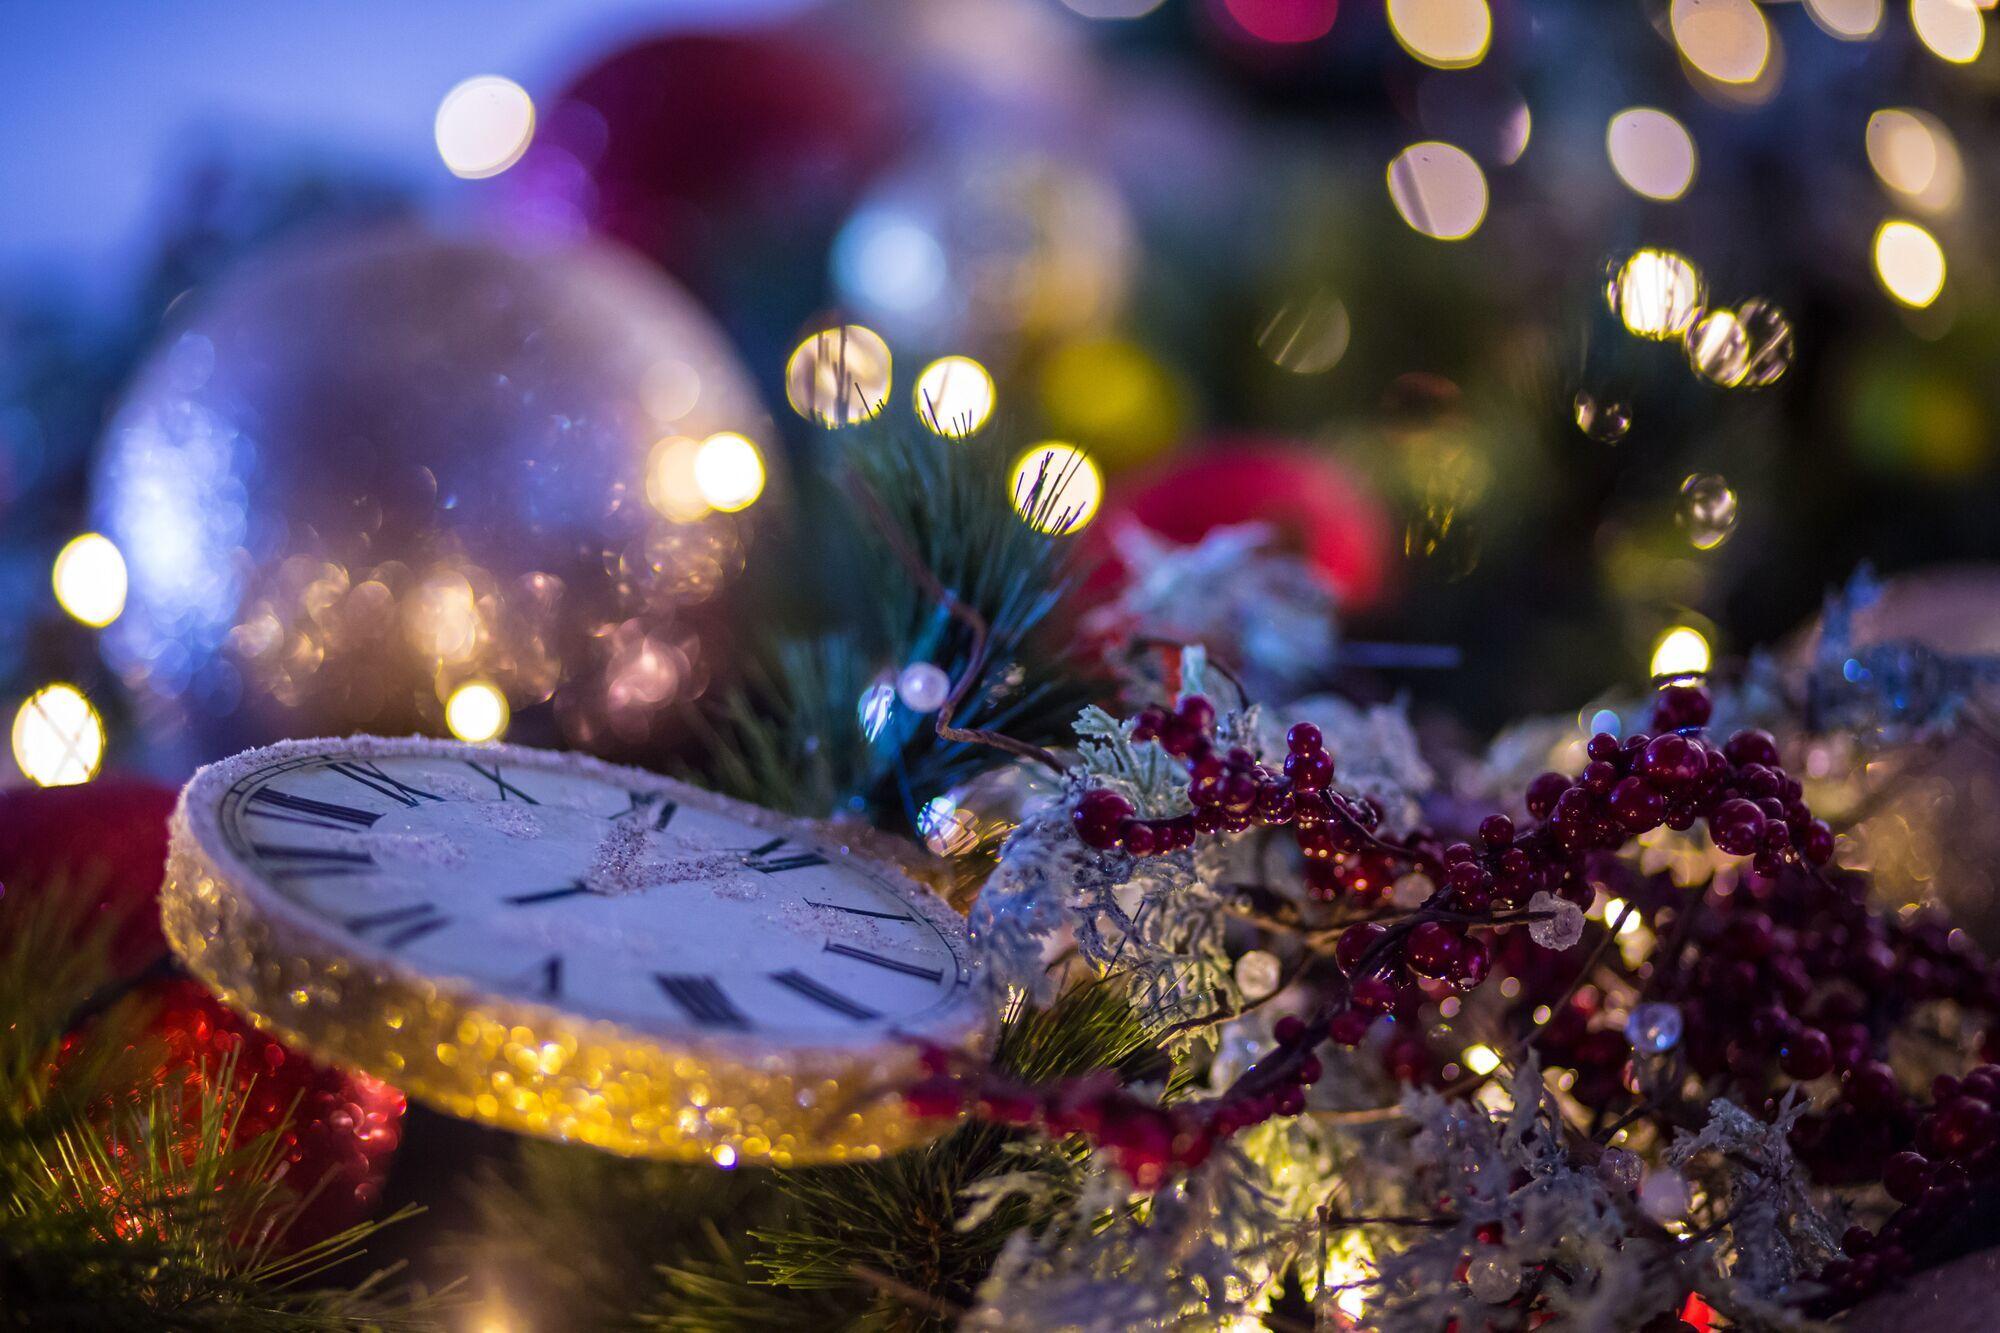 Новый год, 1 января 2021 года, выпадает на пятницу